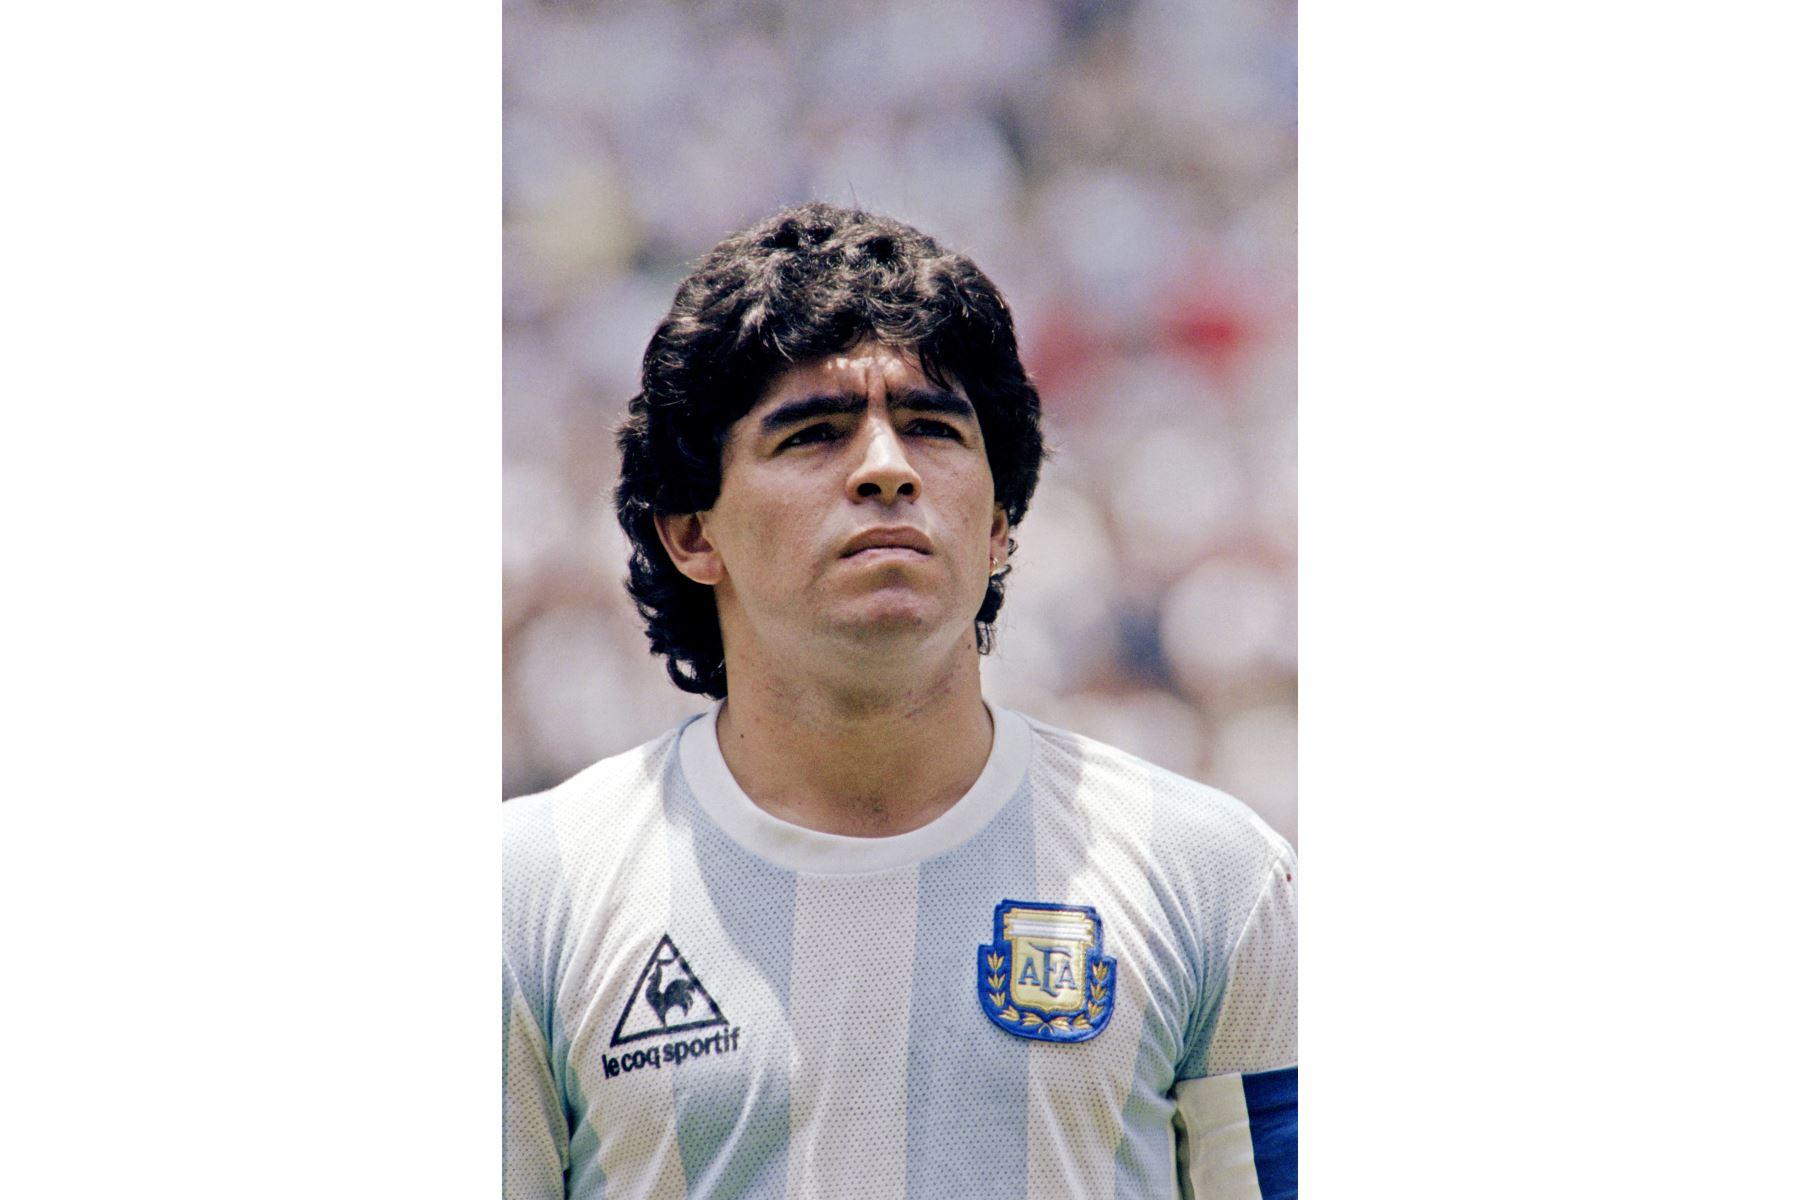 Foto tomada el 29 de junio de 1986. Retrato del mediocampista argentino Diego Maradona en la Ciudad de México antes del inicio de la final de la Copa del Mundo entre Argentina y Alemania Occidental. Foto: AFP